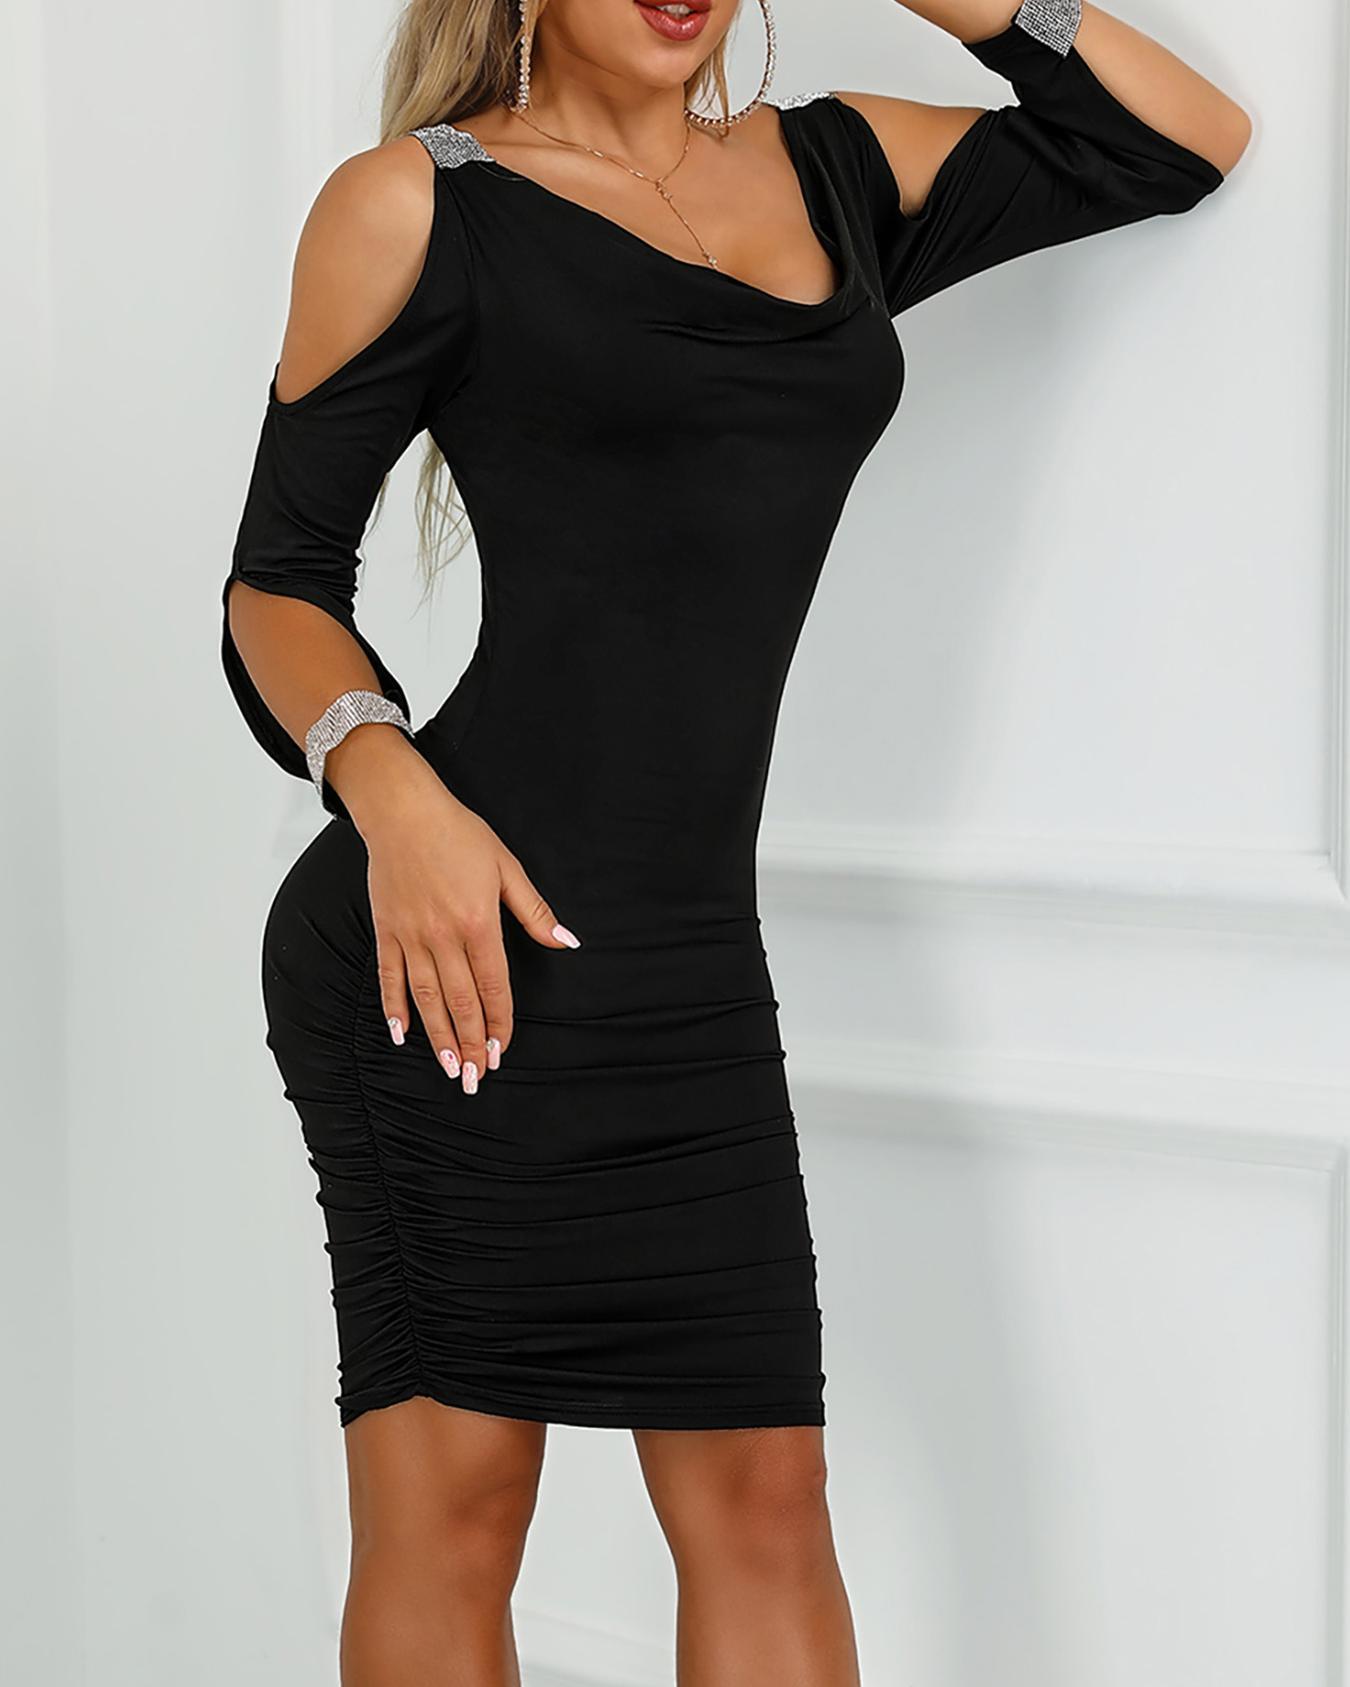 Gem-Studded Cold Shoulder Ruched Bodycon Dress, Black